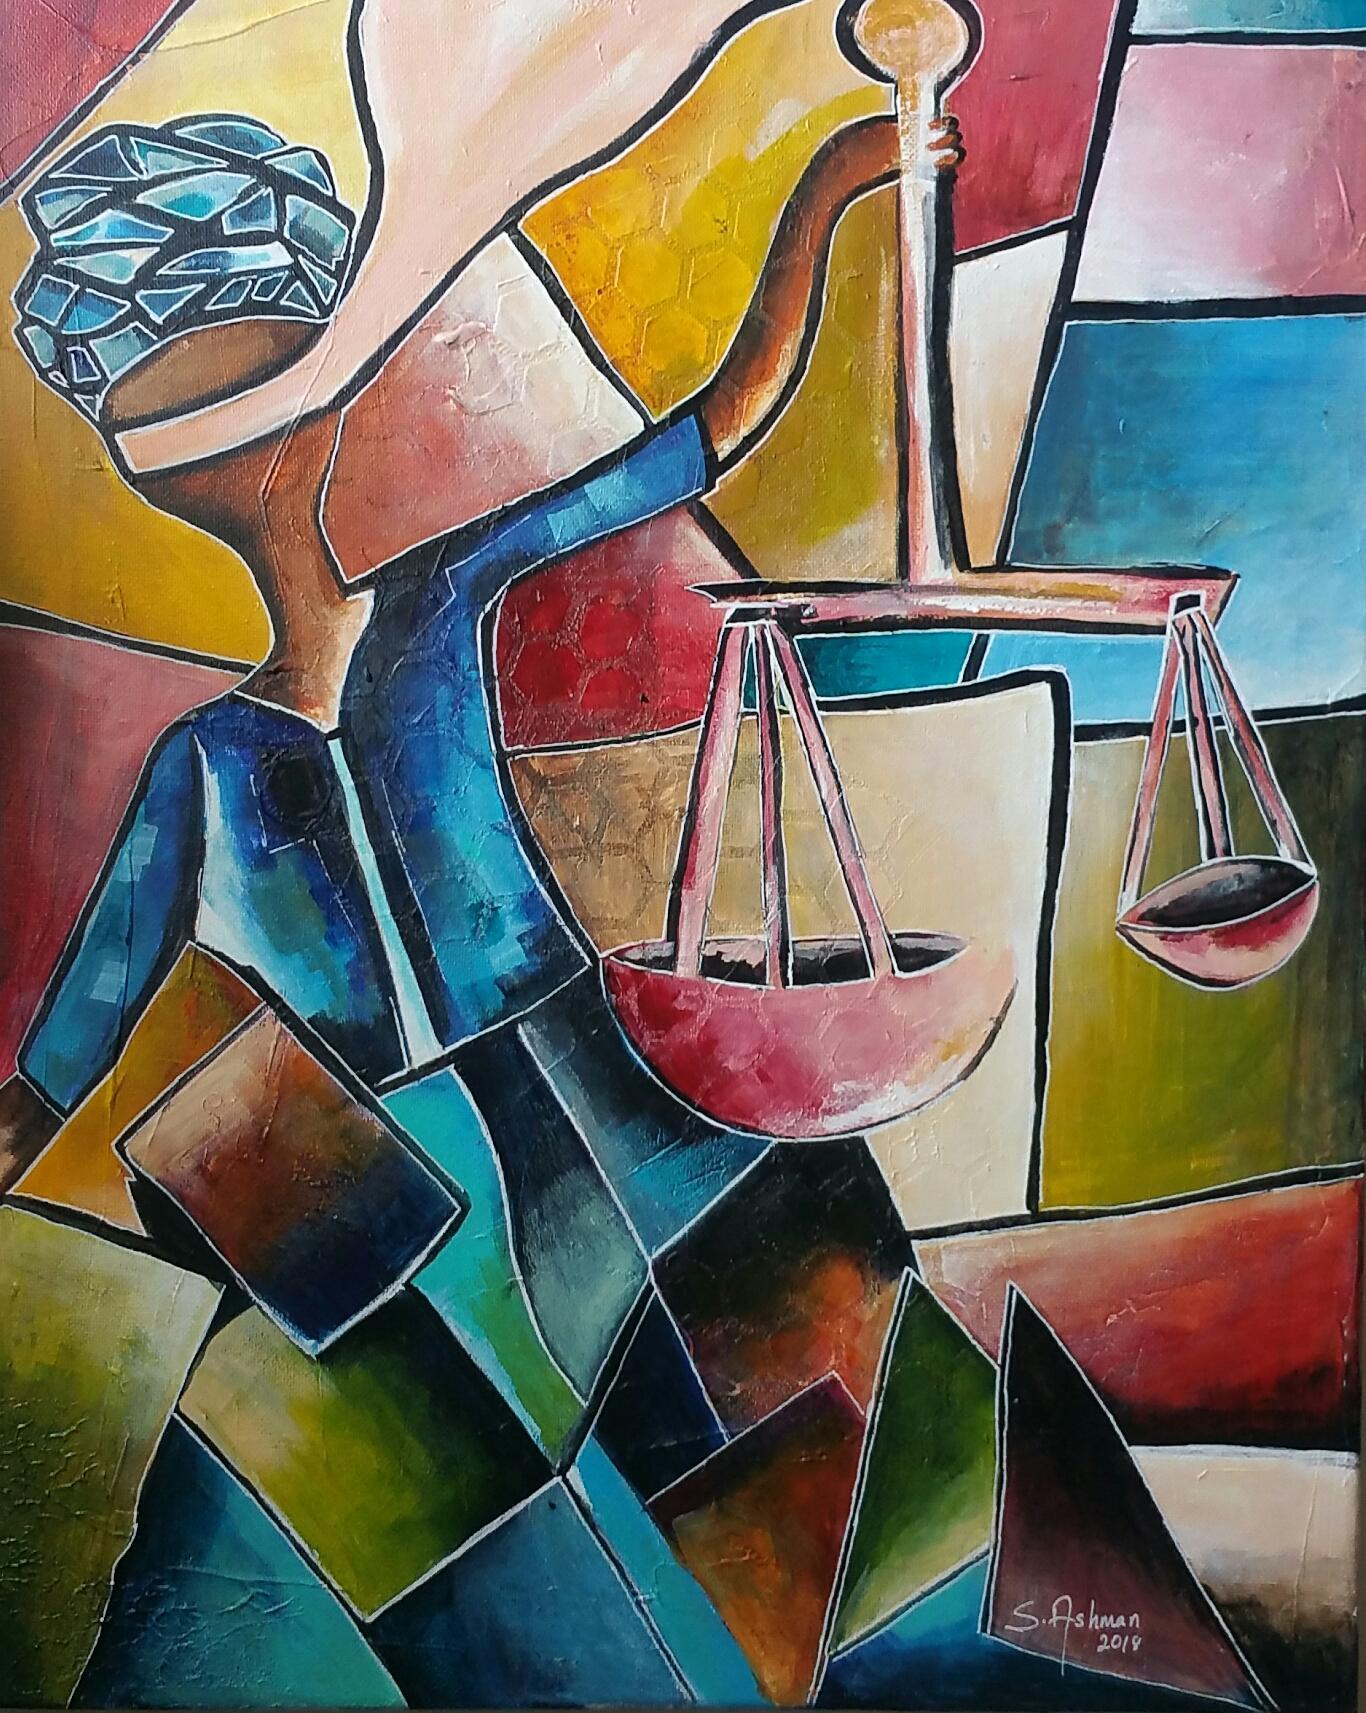 ახალ კორონავირუსთან ბრძოლის სამართლებრივი ასპექტები